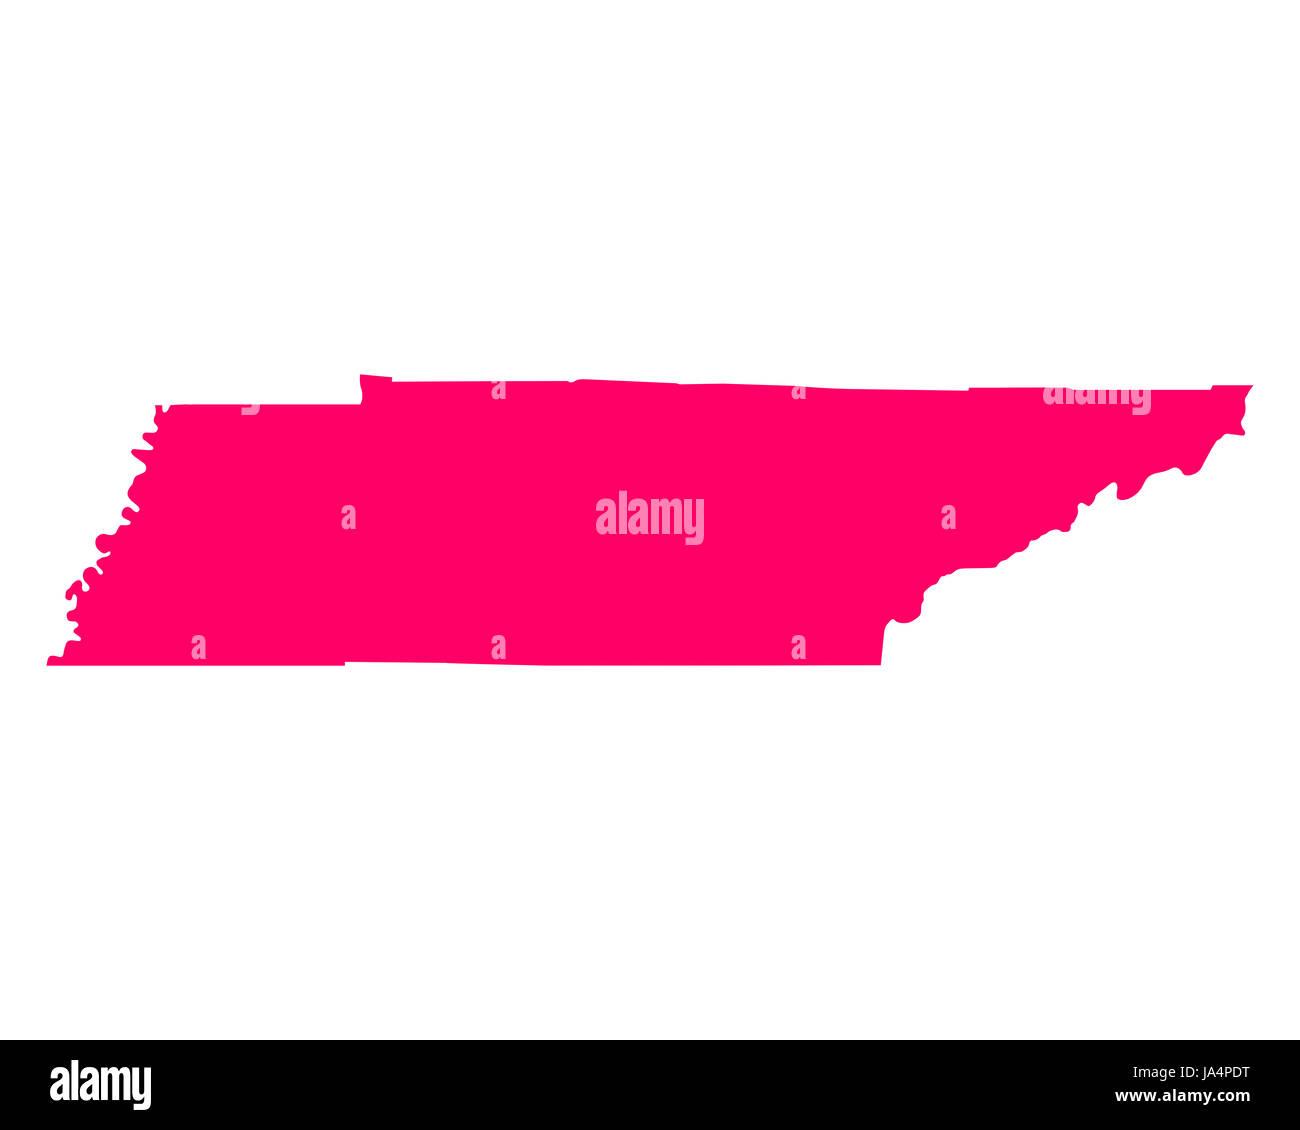 Karte von Tennessee - Stock Image